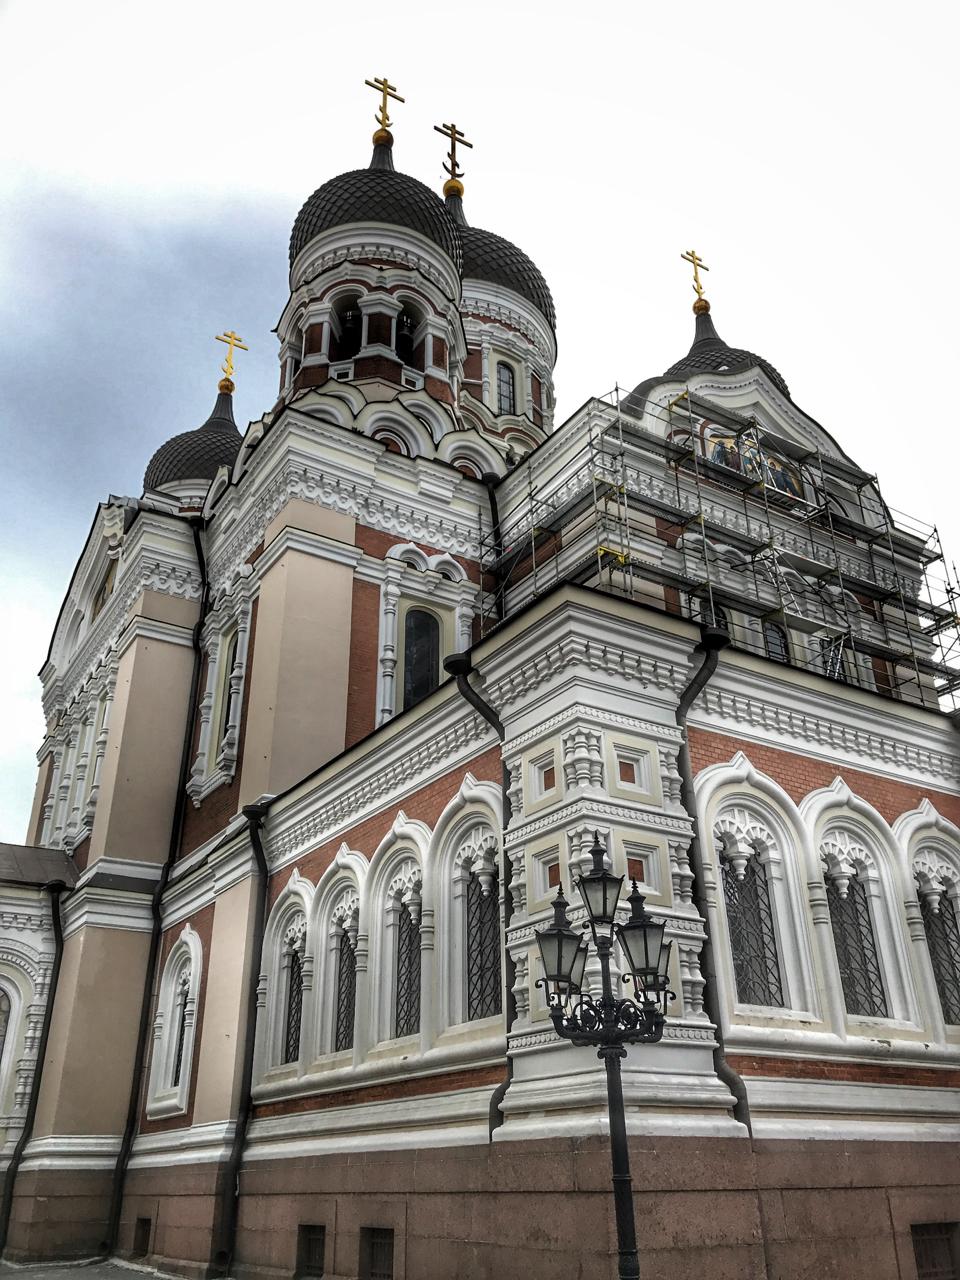 Teri_Tallin_Estonia Baltics_travel_spiritedtable_photot08.jpg